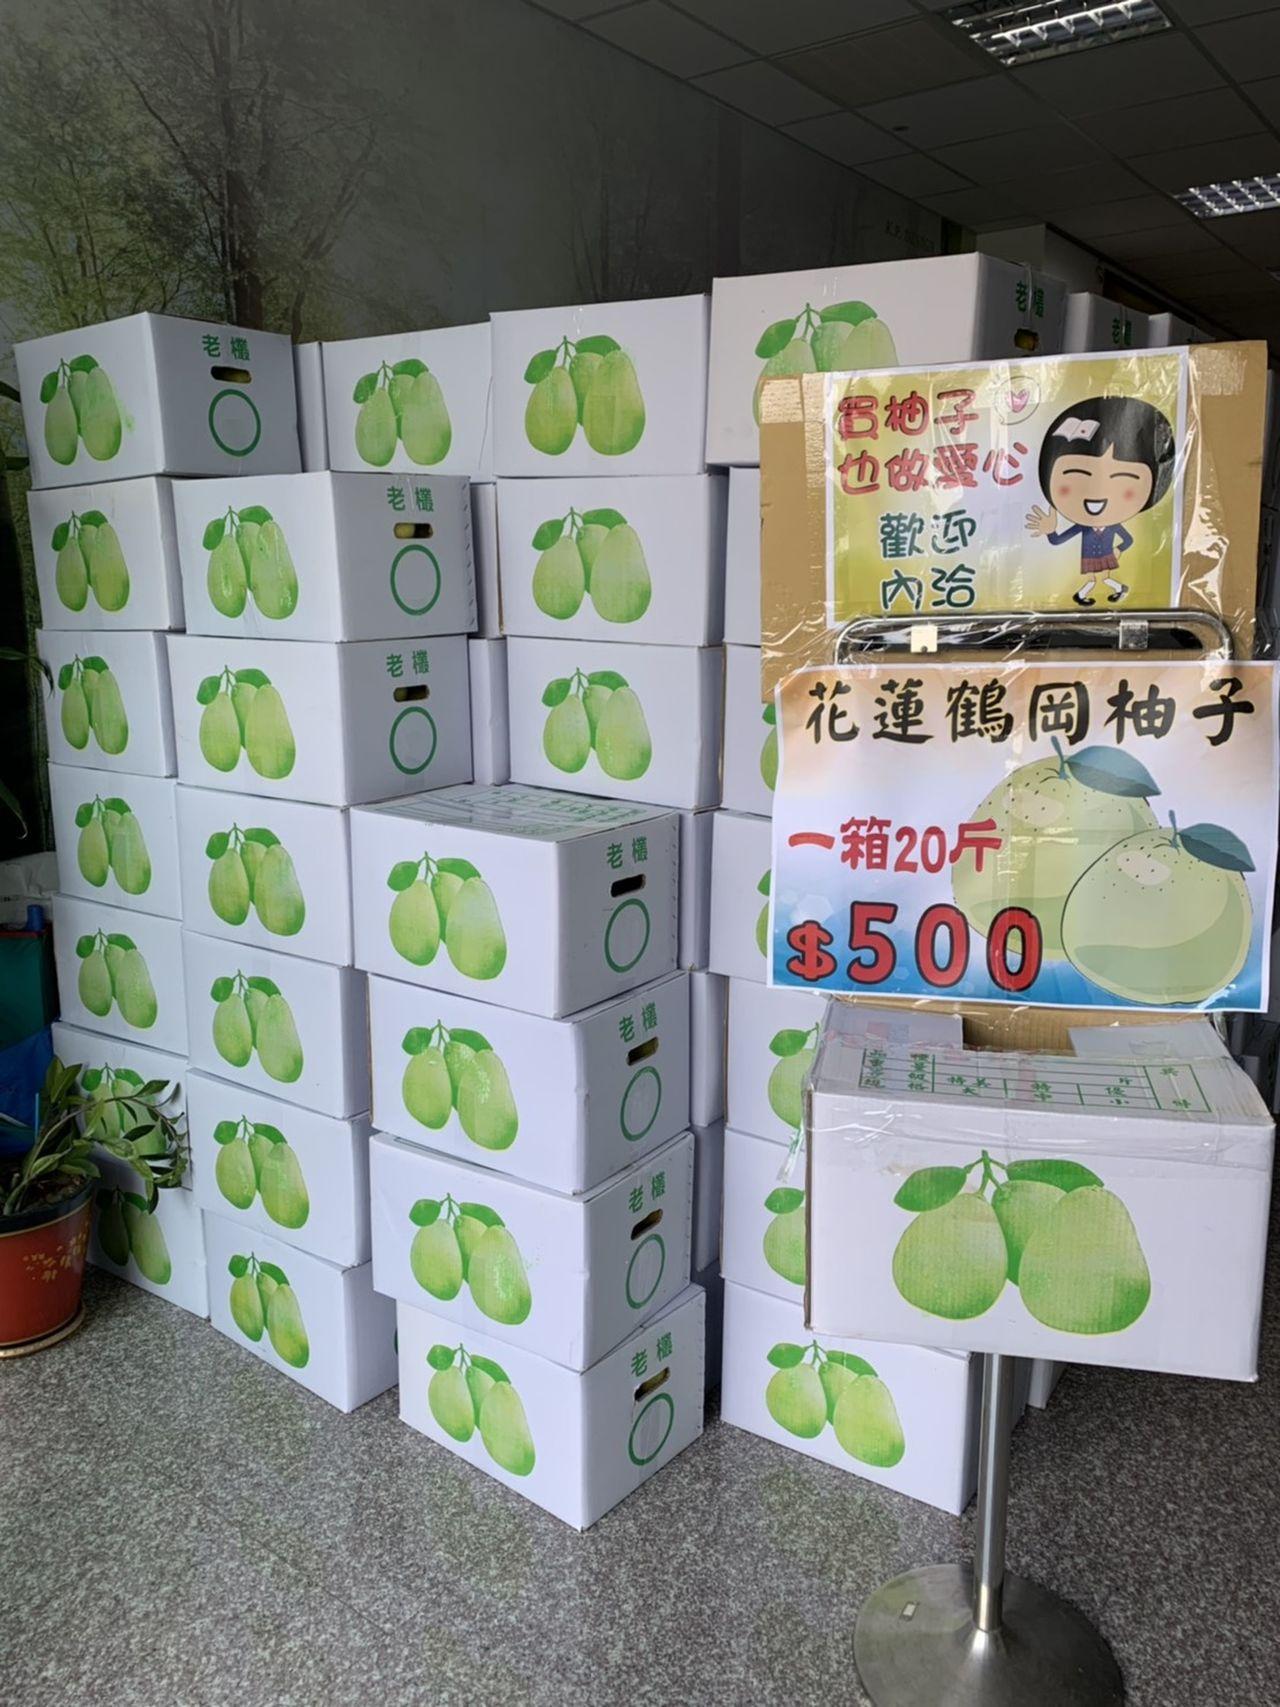 暖!花蓮「善心人士」不留名 捐800箱柚子助弱勢